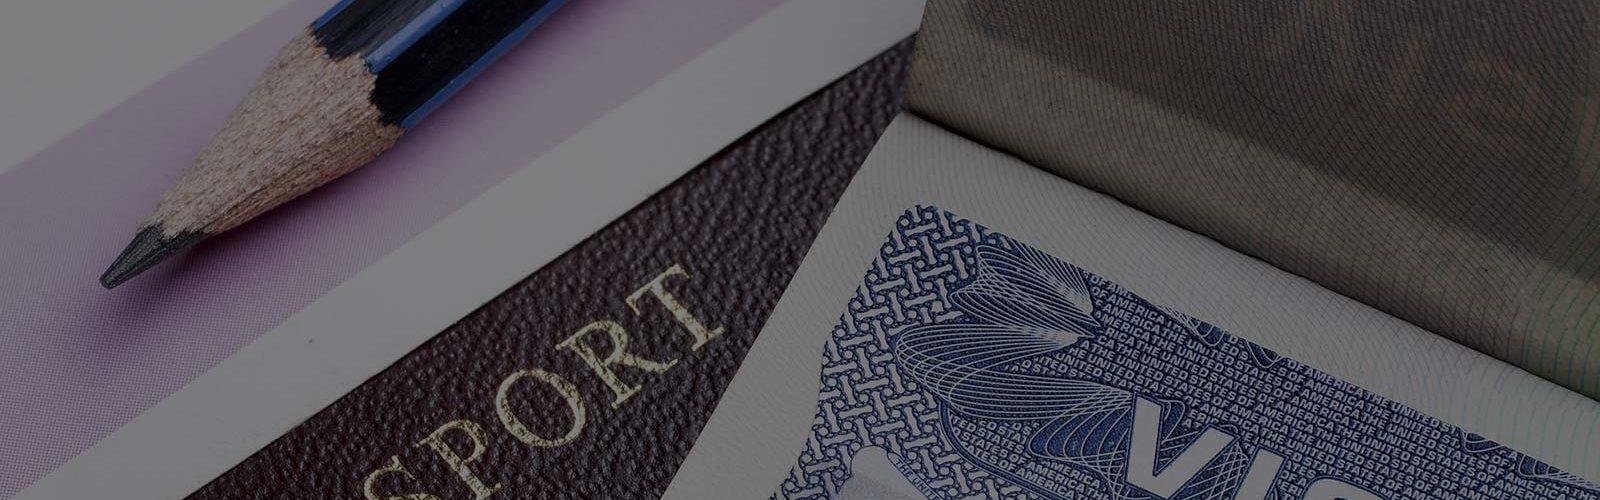 visas-non-immigrant-touristique-affaire-stage-etats-unis-usa-nl